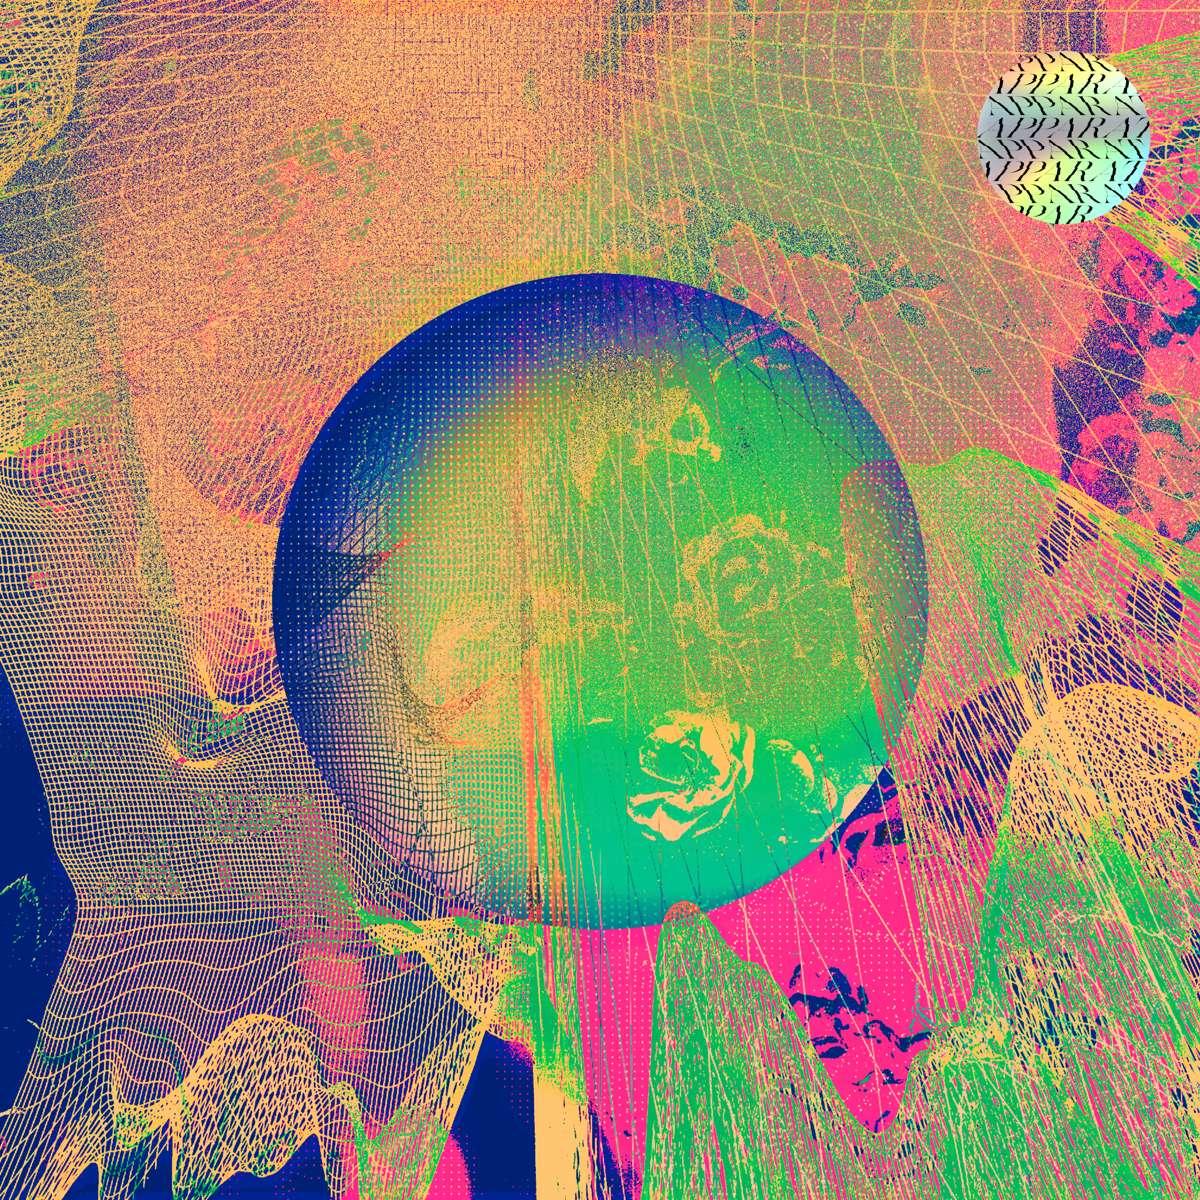 Słuchamy nowego albumu: Apparat – LP5